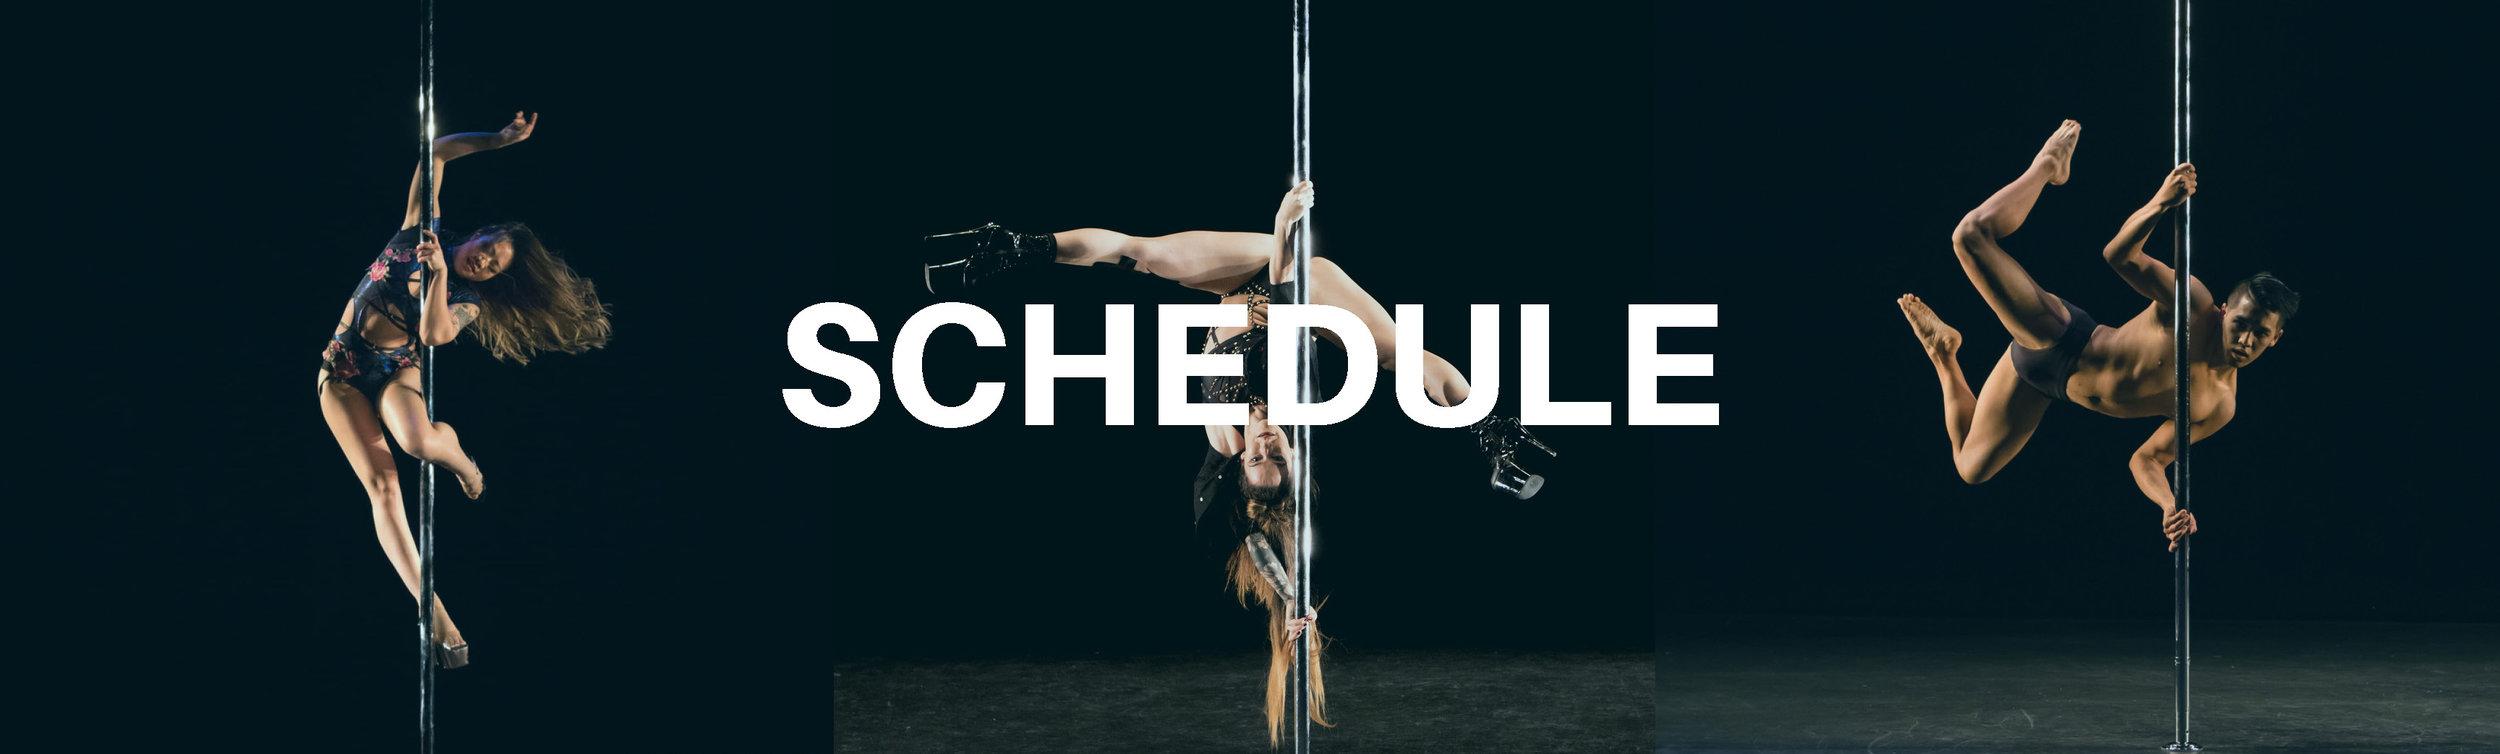 NEW Website Headers - Schedule Dark.jpg